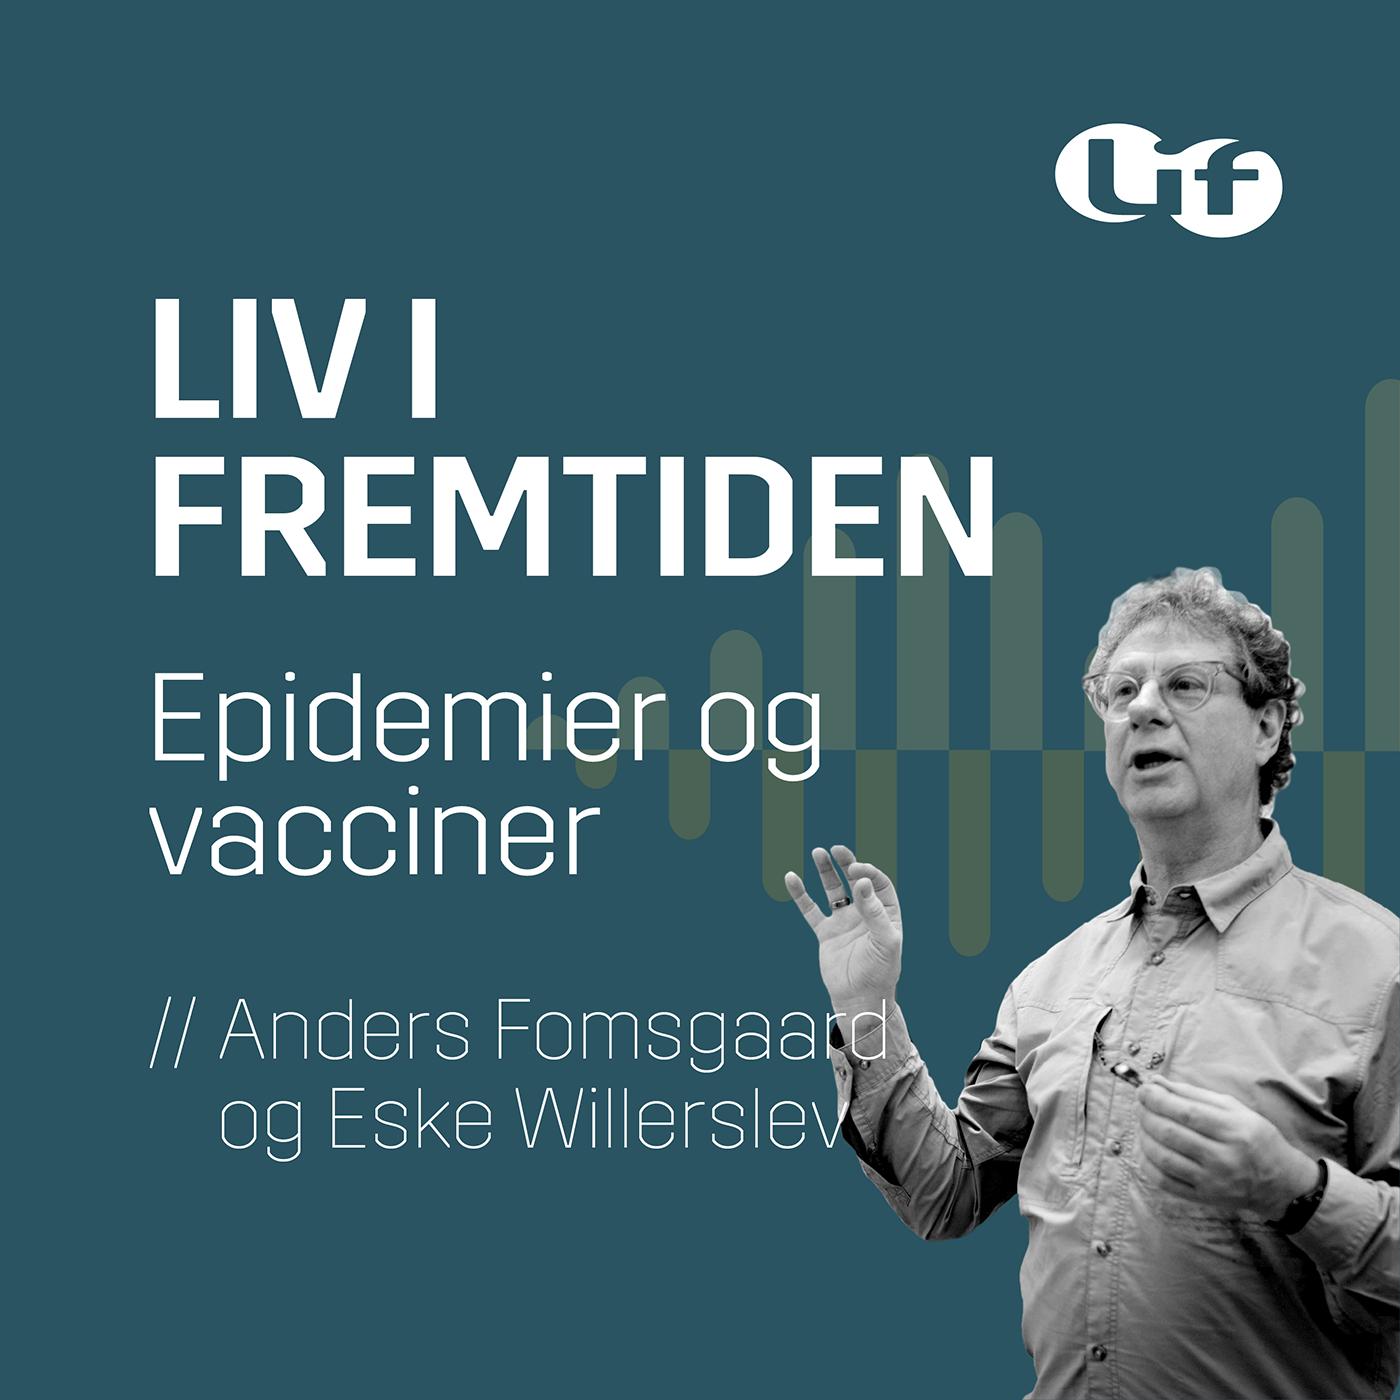 Epidemier og vacciner